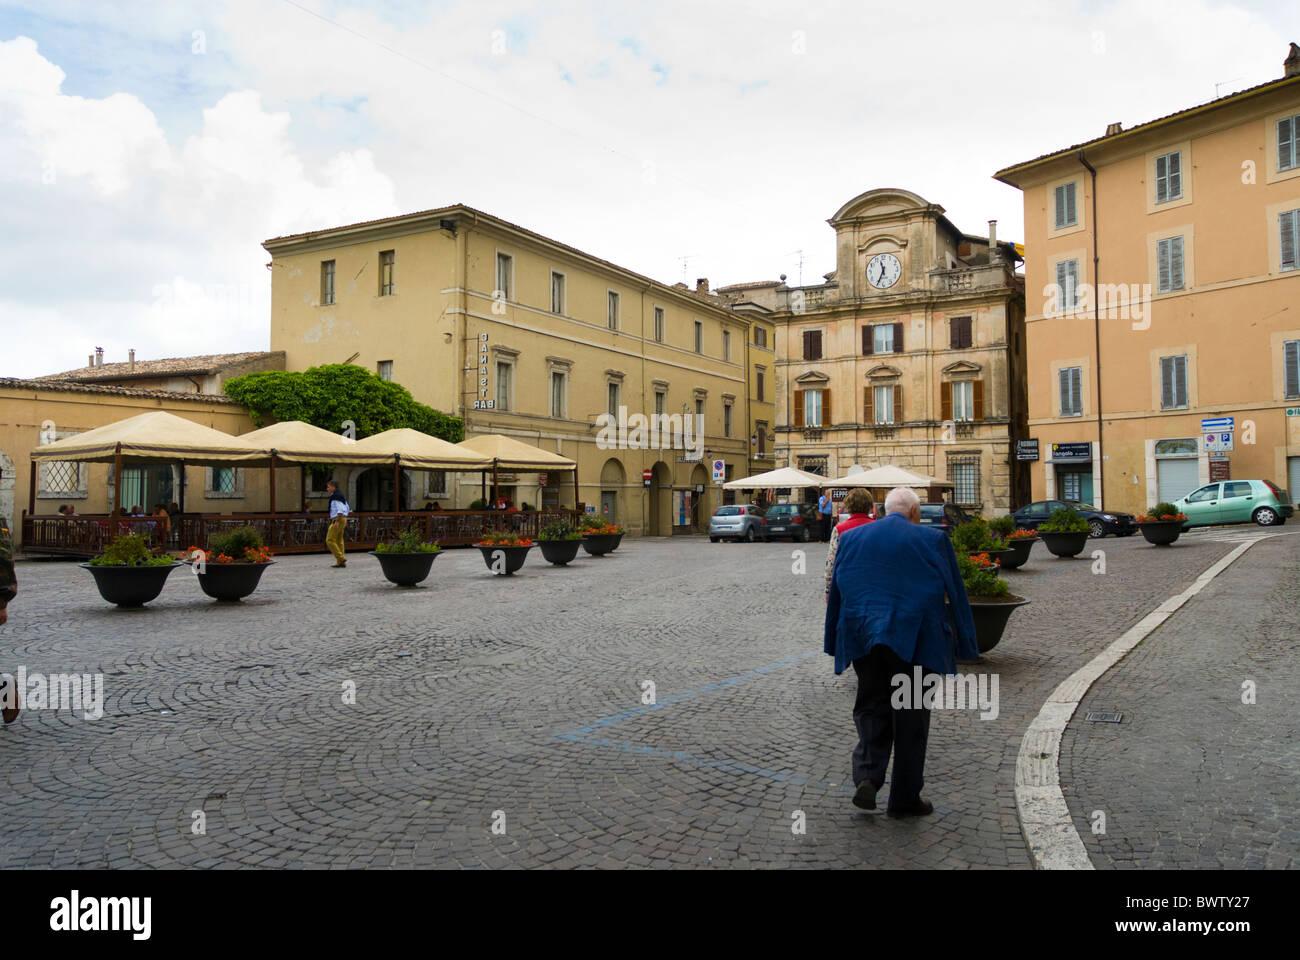 The Piazza della Liberta in Spoleto, Umbria - Stock Image